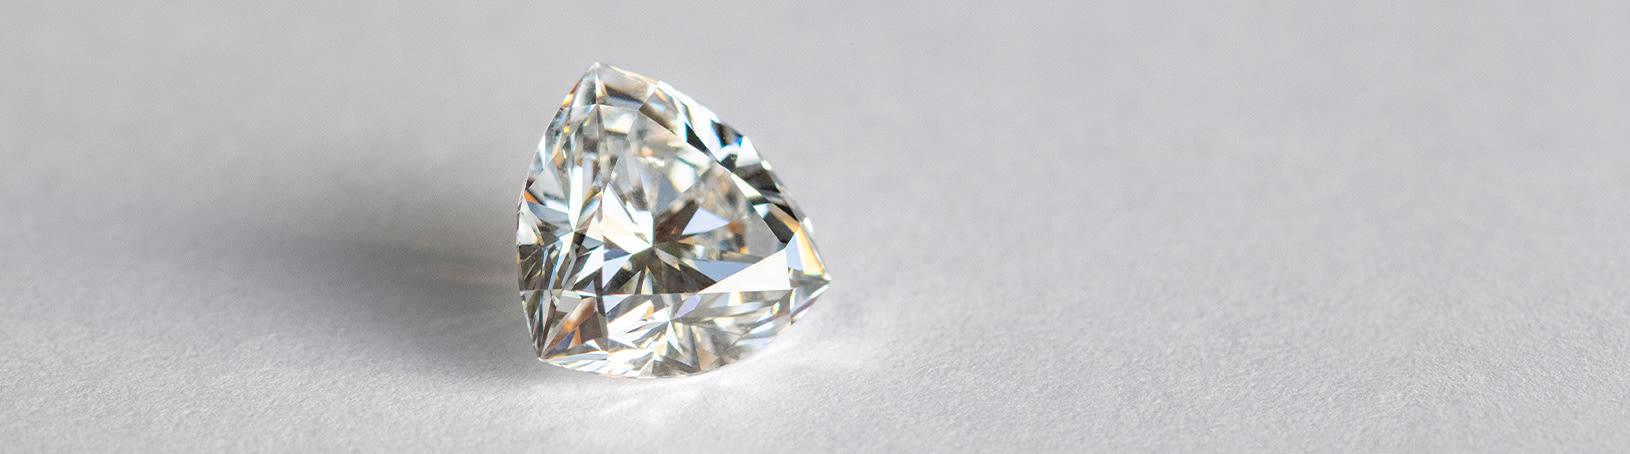 Image of a loose diamond simulant